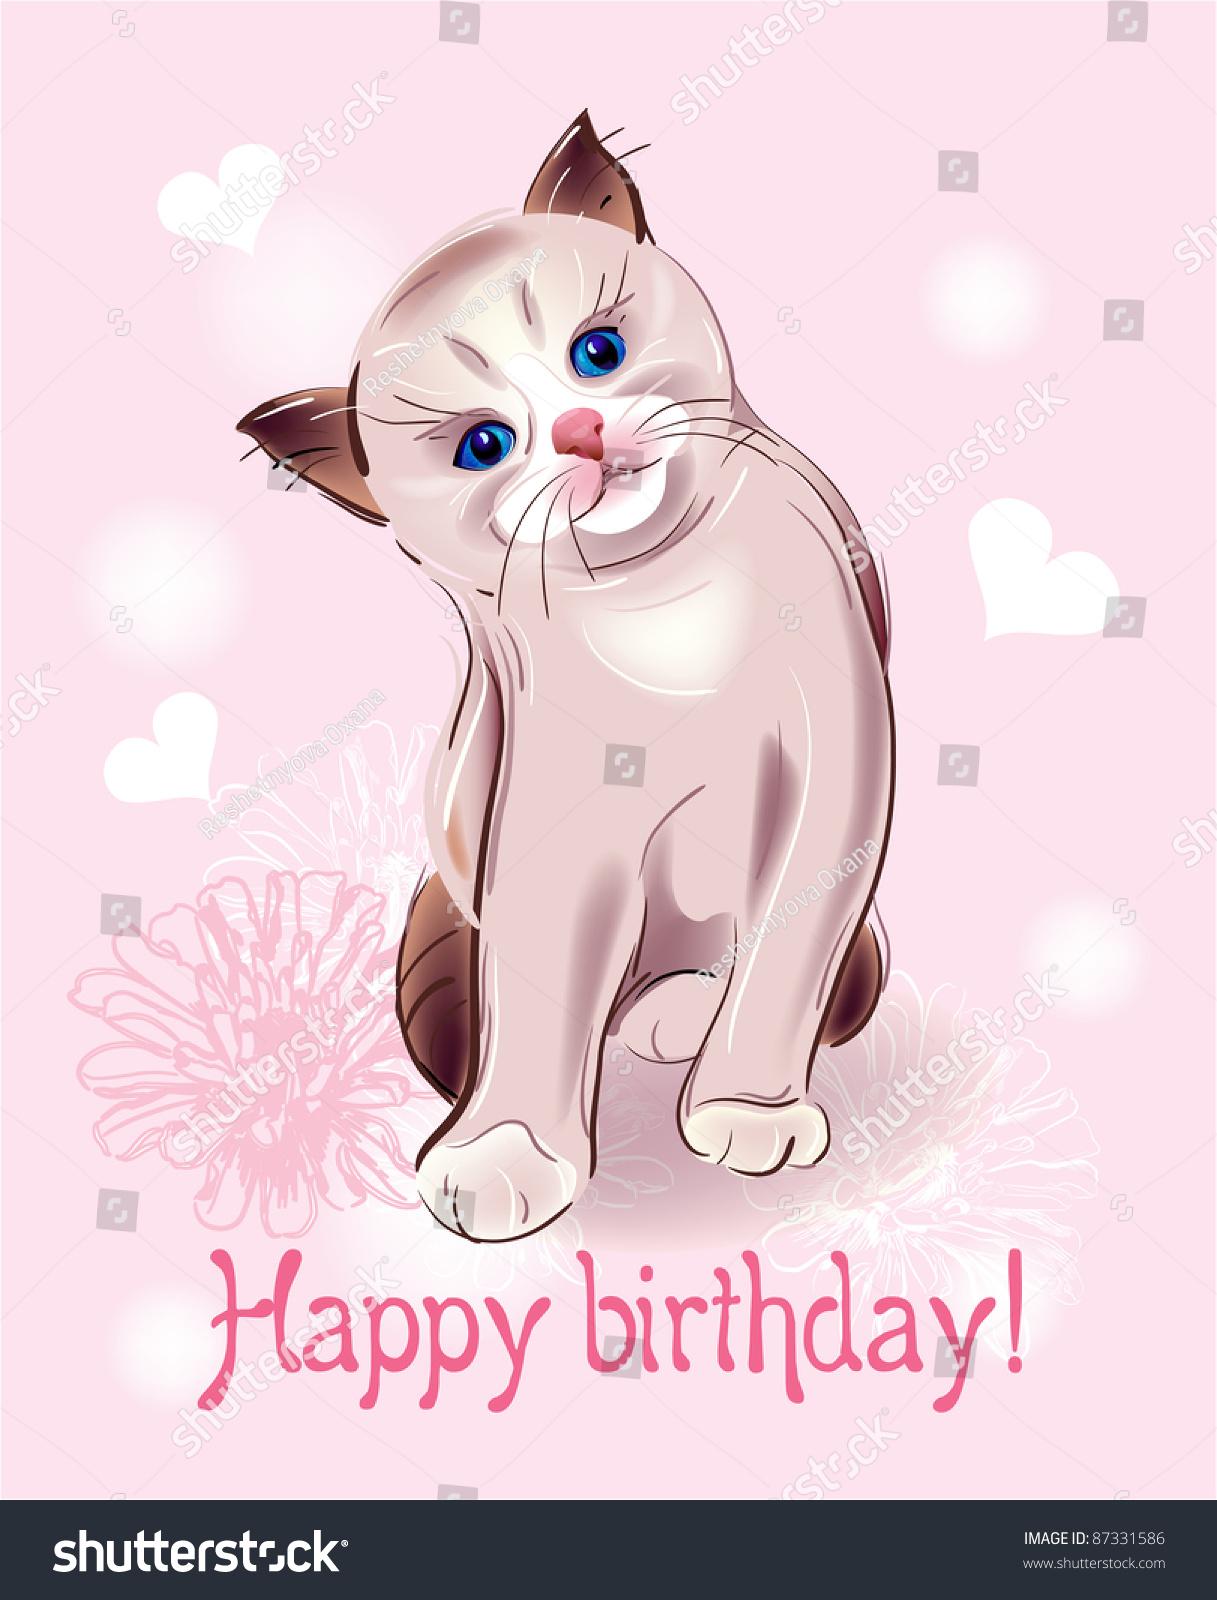 在粉红色的背景上,有只小猫的生日贺卡和小猫咪